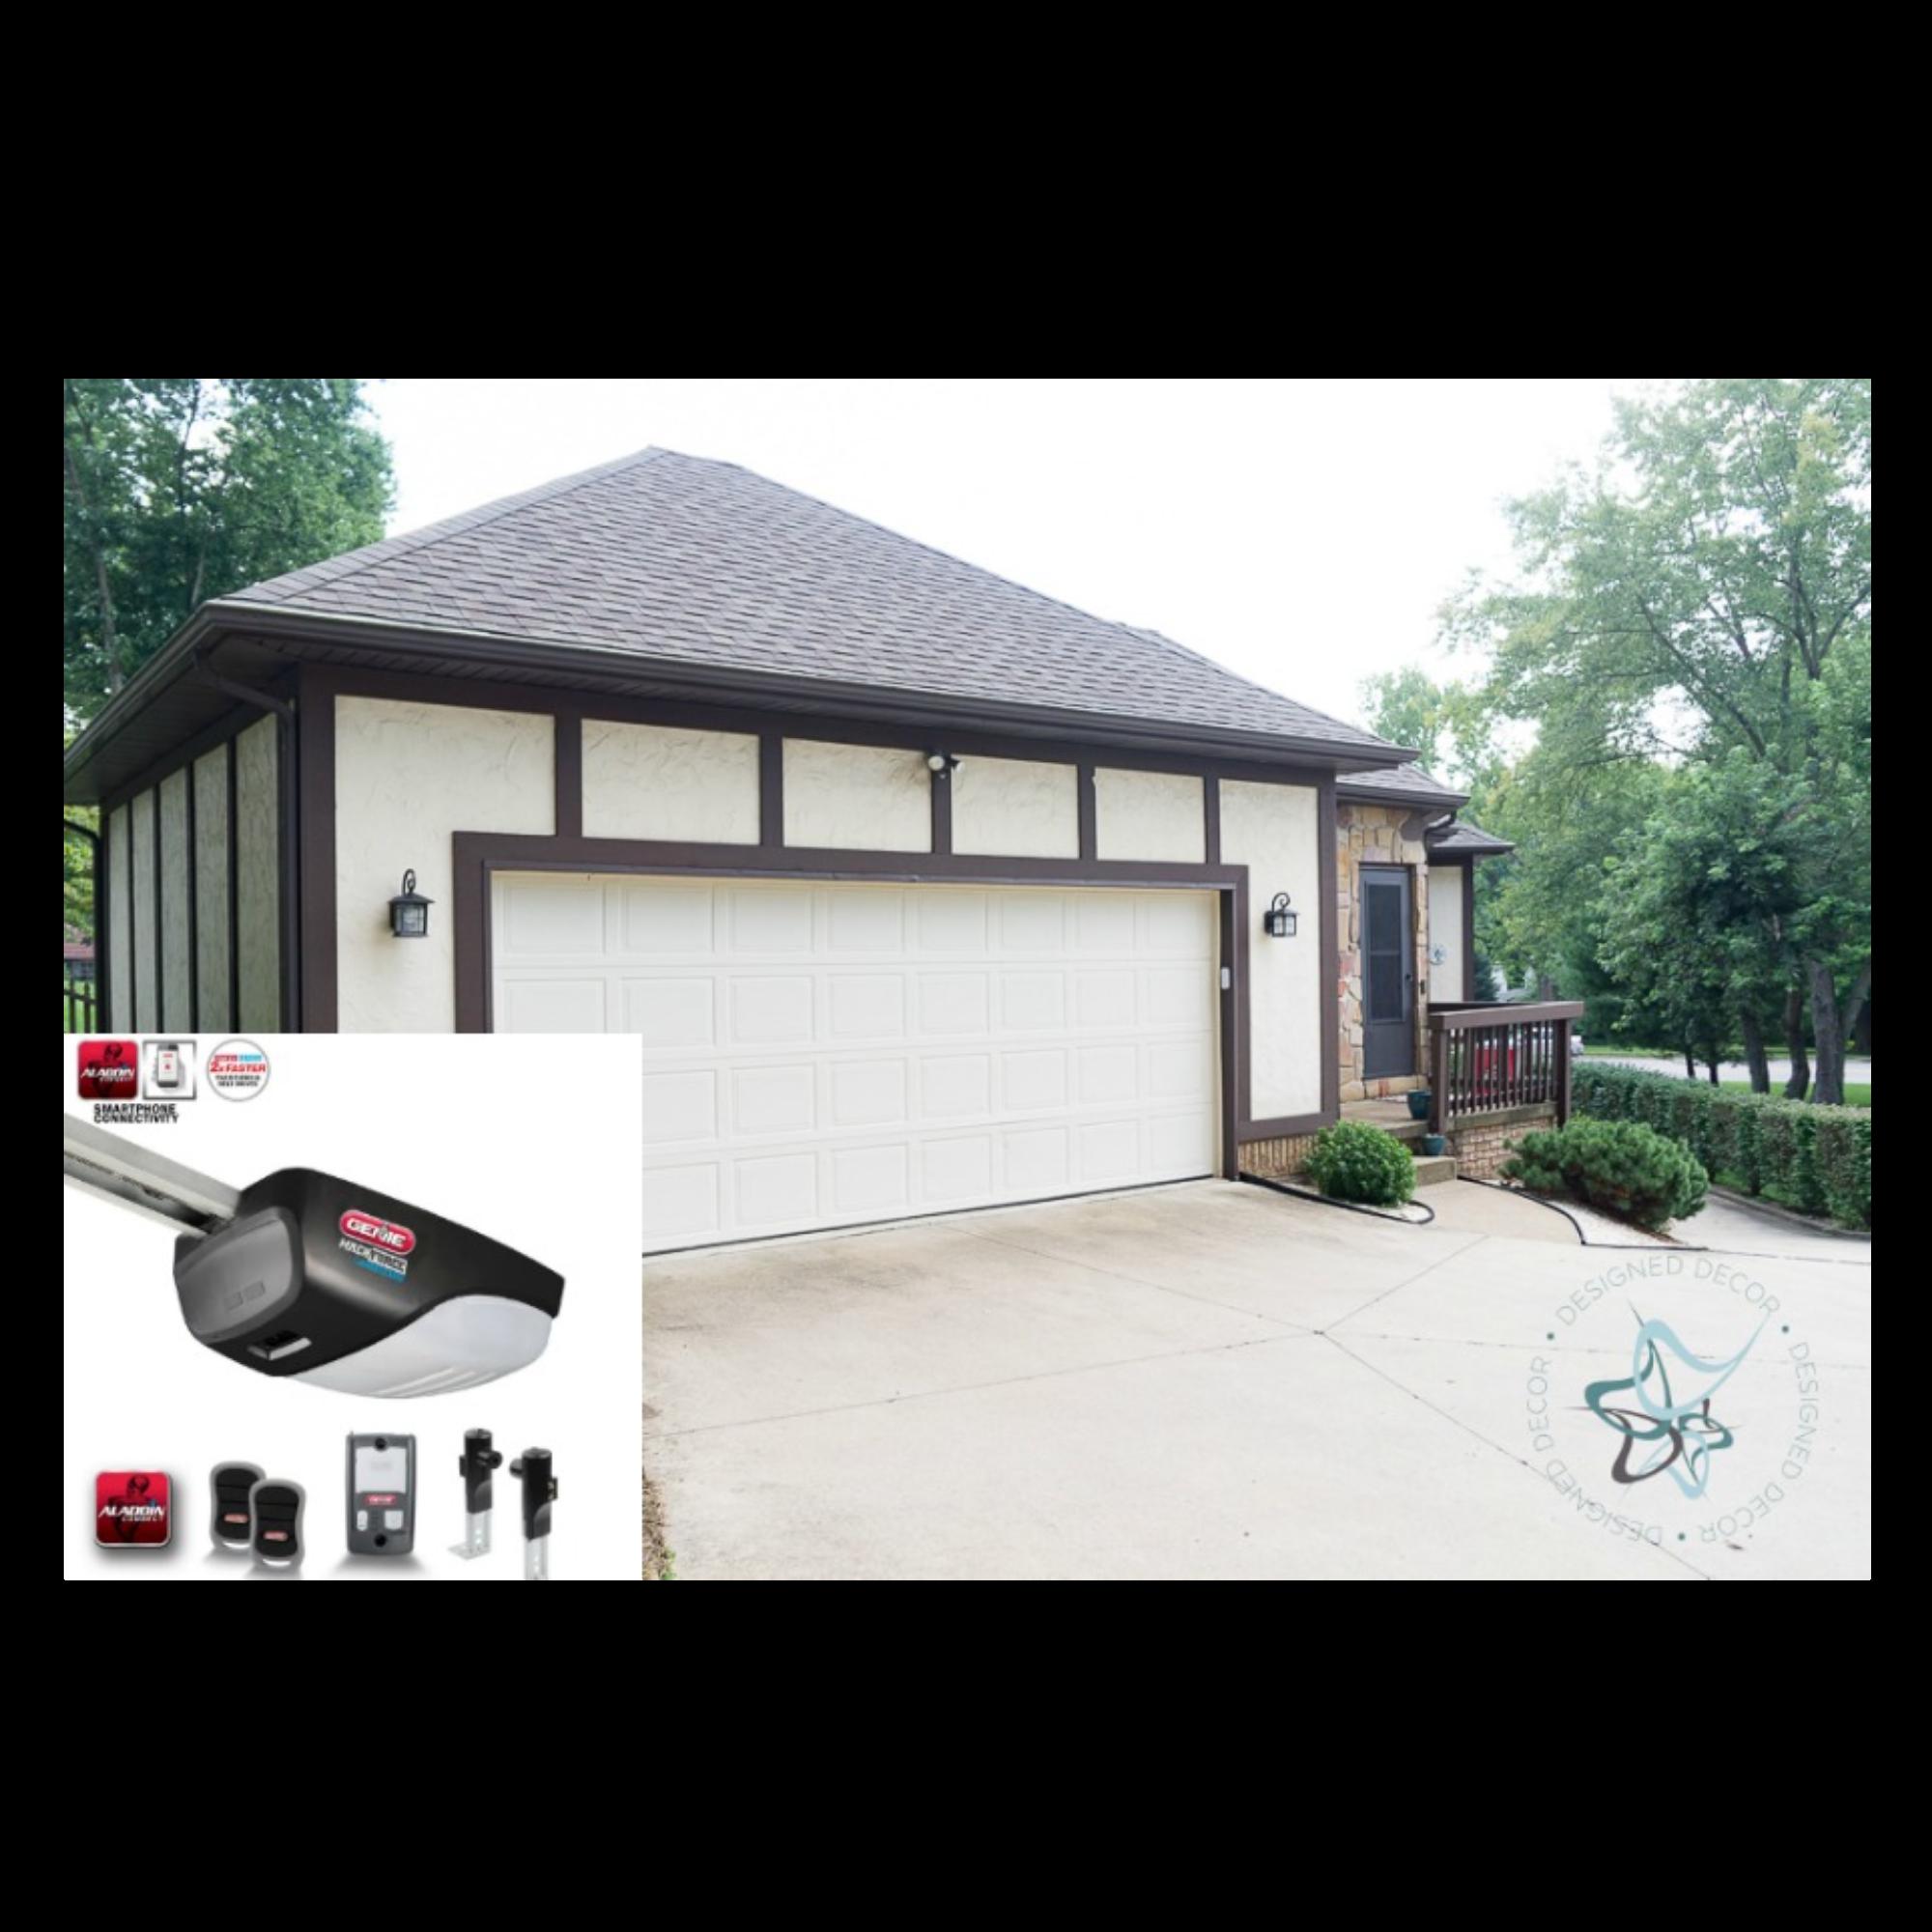 Genie Garage Door Opener With Smartphone App That Makes Life Easier Smartdevice Take Command With An Aladdin Conn Garage Door Opener Garage Doors Door Opener